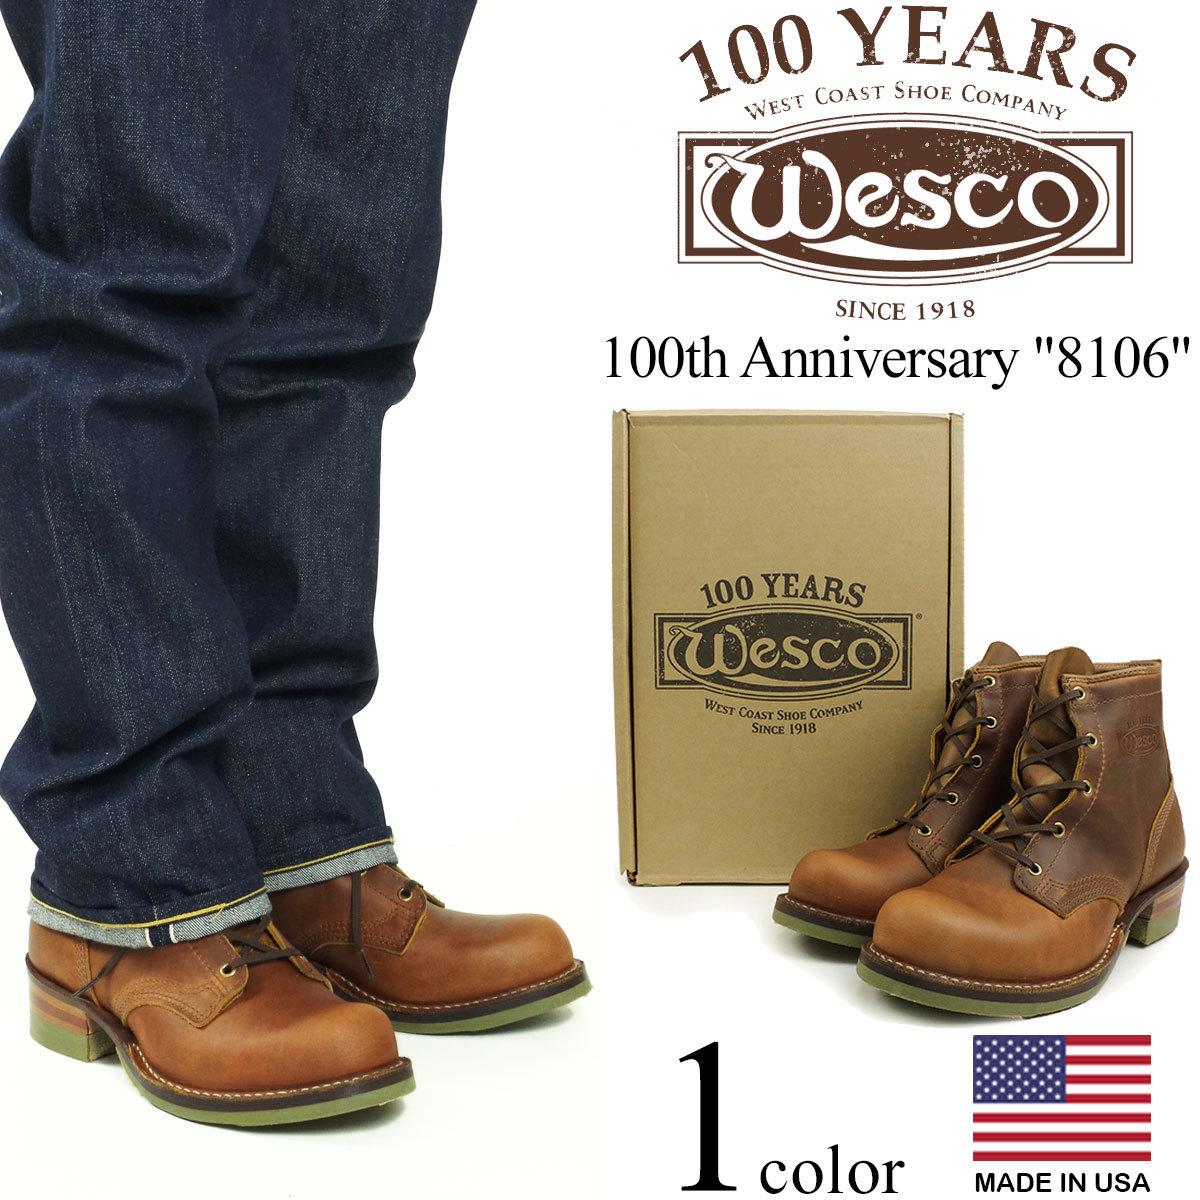 ウェスコ Wesco #8106 100周年記念 ワークブーツ (ウエスコ アメリカ製 米国製 限定 100th Anniversary Limited Edition)